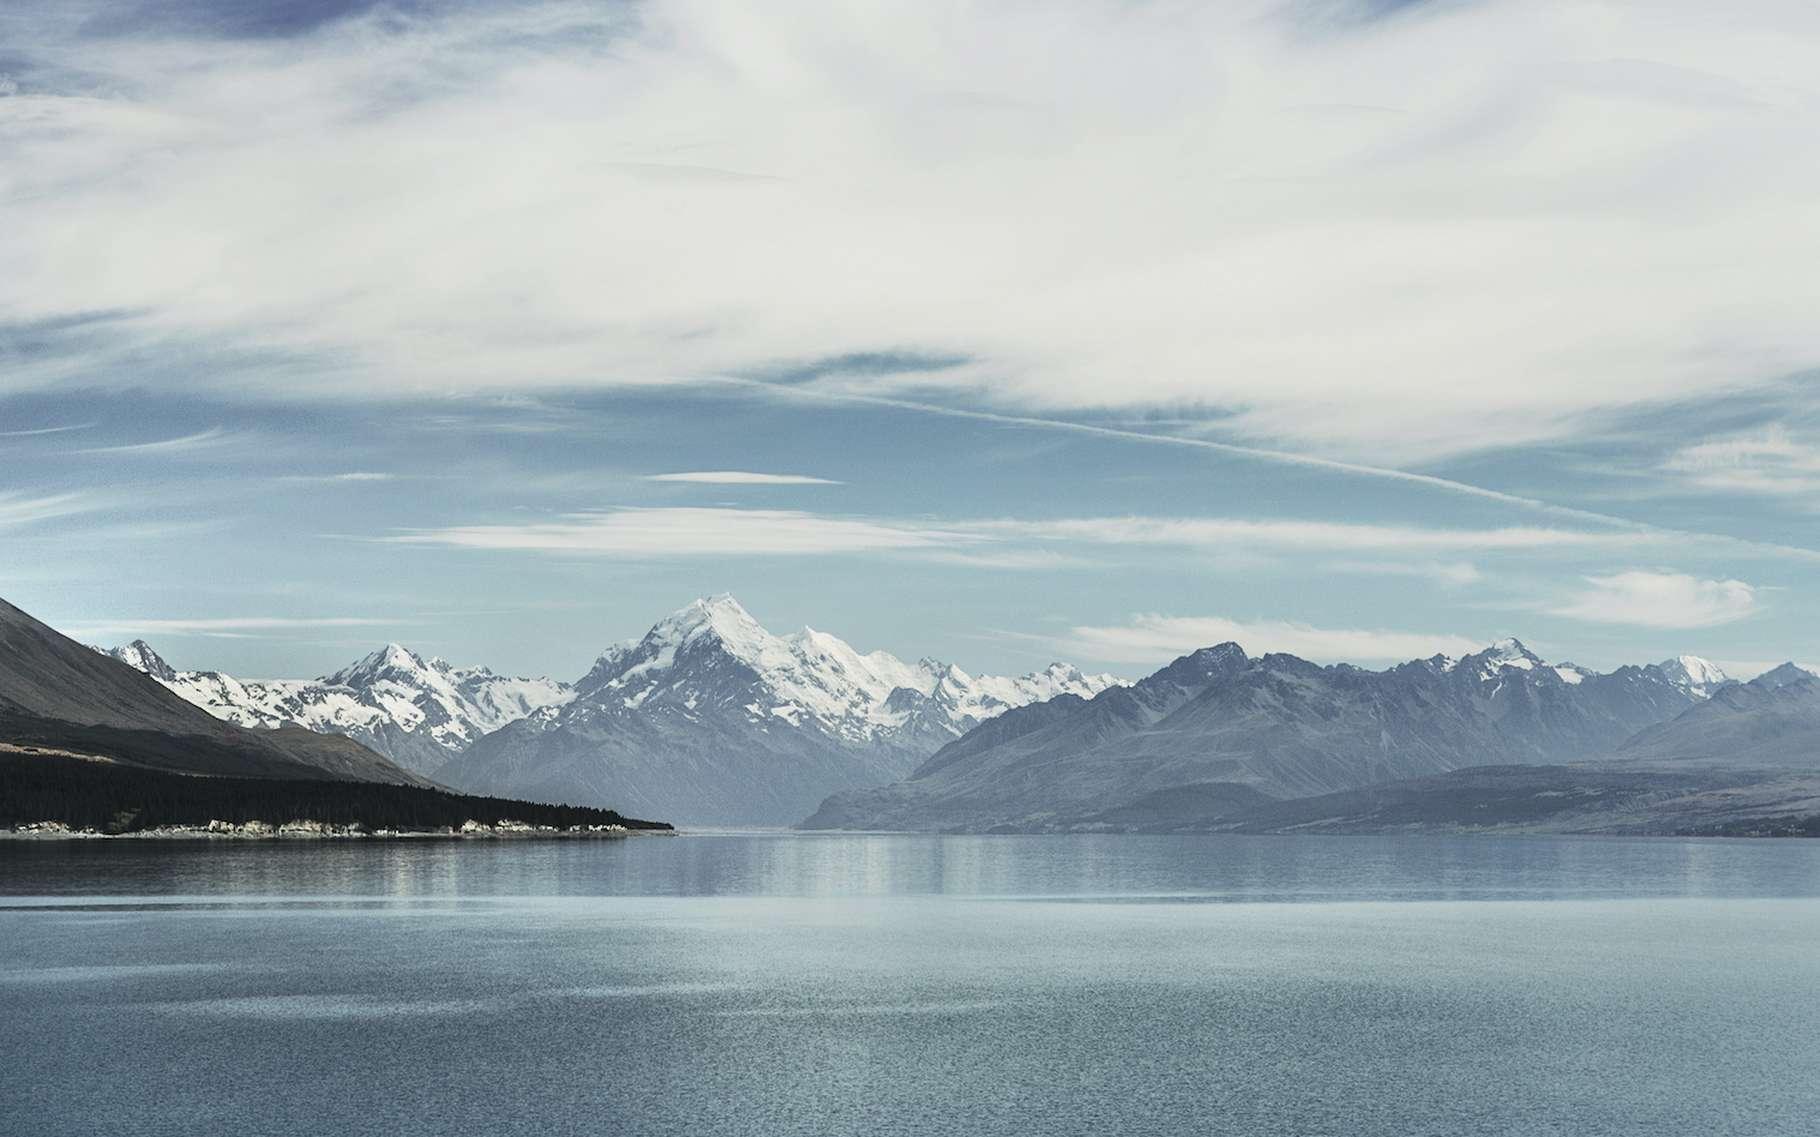 En étudiant les mouvements des glaciers de montagne dans l'hémisphère sud, des chercheurs de l'université du Maine (États-Unis) ont mis au jour un mécanisme, le Zealandia Switch, qui pourrait expliquer le cycle des âges de glace. Ici, le lac Pukaki, formé après le recul d'un glacier de montagne comme ceux qu'ils ont étudiés il y a environ 18.000 ans, à la fin de l'ère glaciaire. © Joshua, Adobe Stock